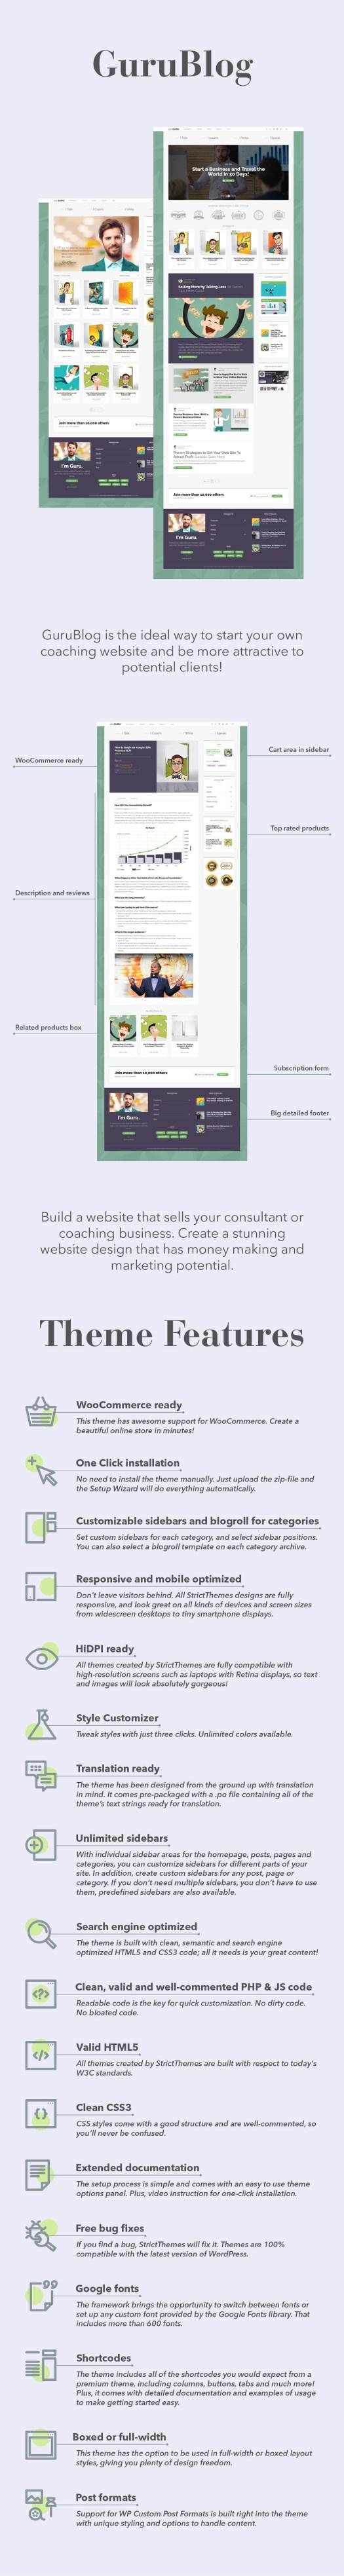 GuruBlog - Blog & Shop for Experts